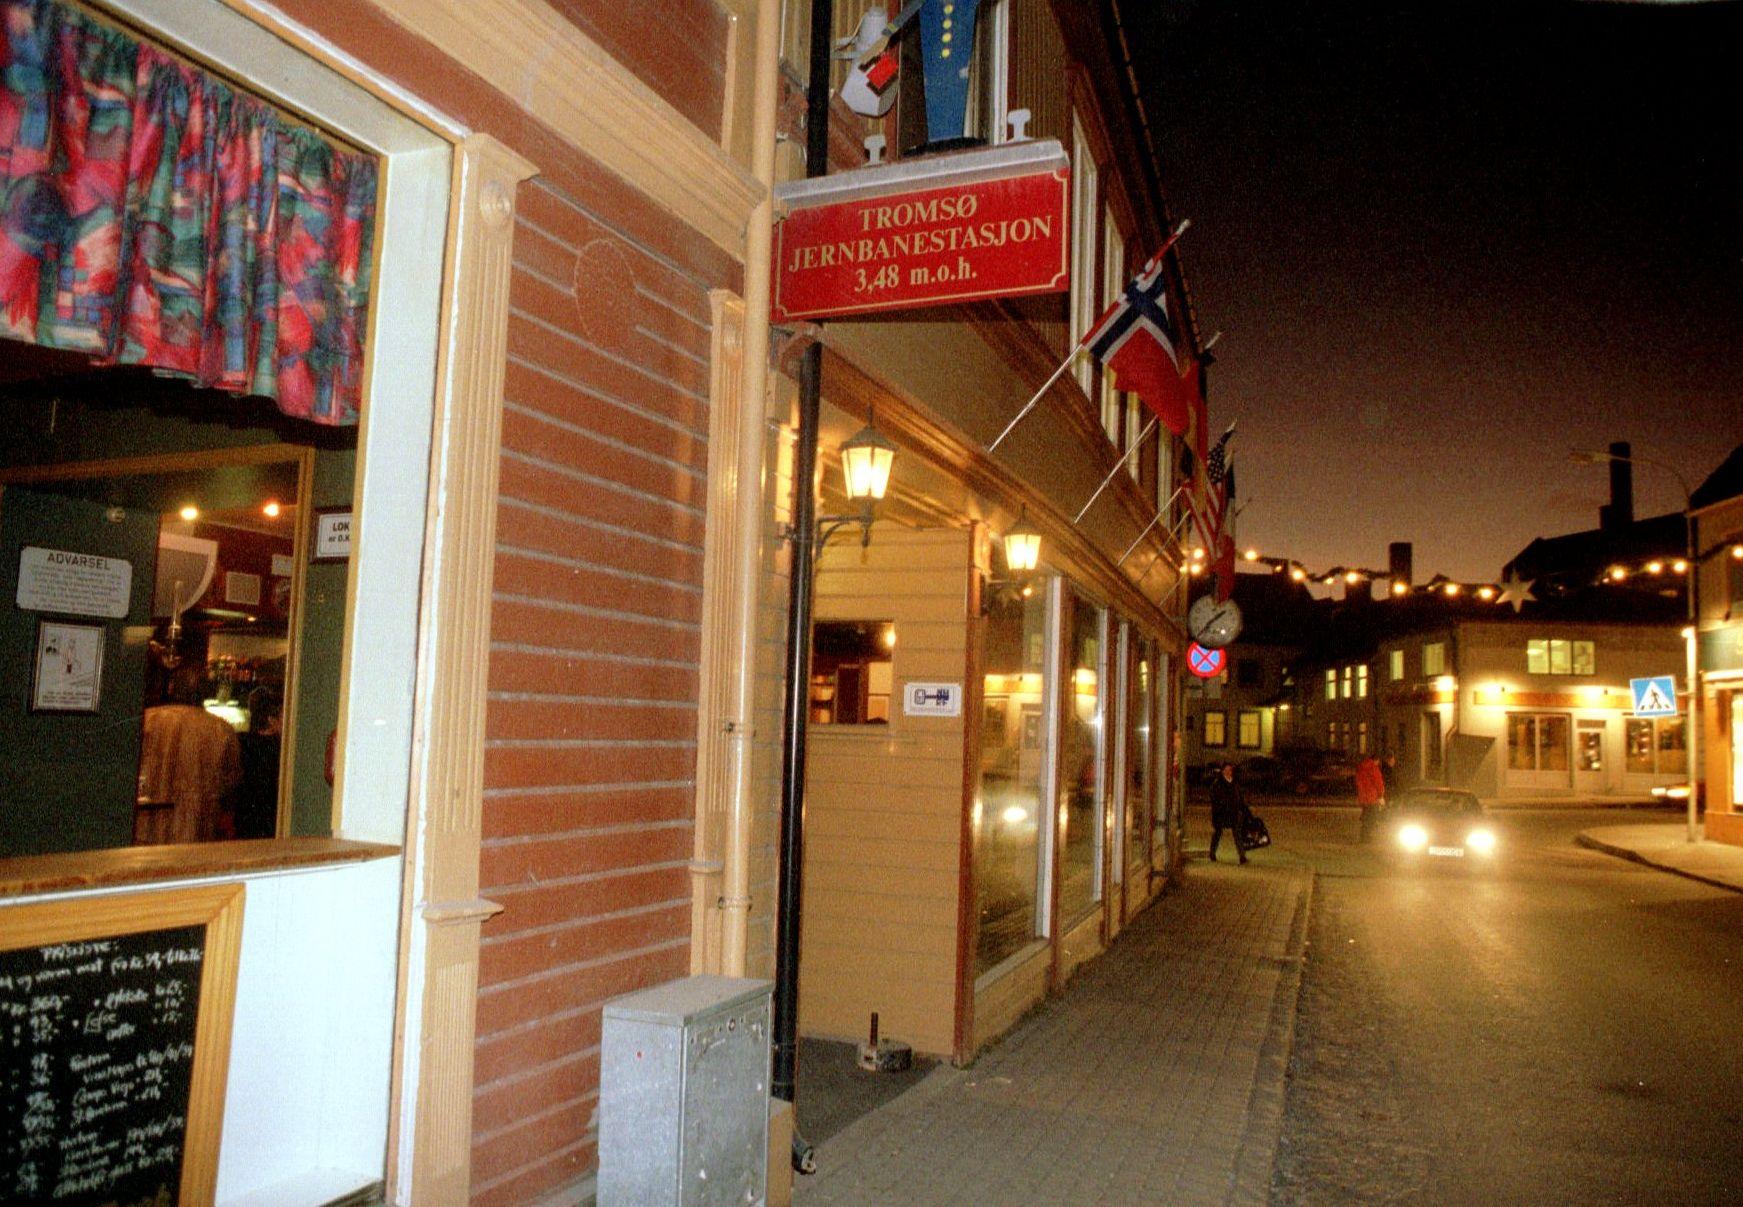 NORDNORSK HUMOR: Eneste spor etter norsk jernbane i Nord-Norge er denne puben – som bærer navnet «Tromsø Jernbanestasjon».